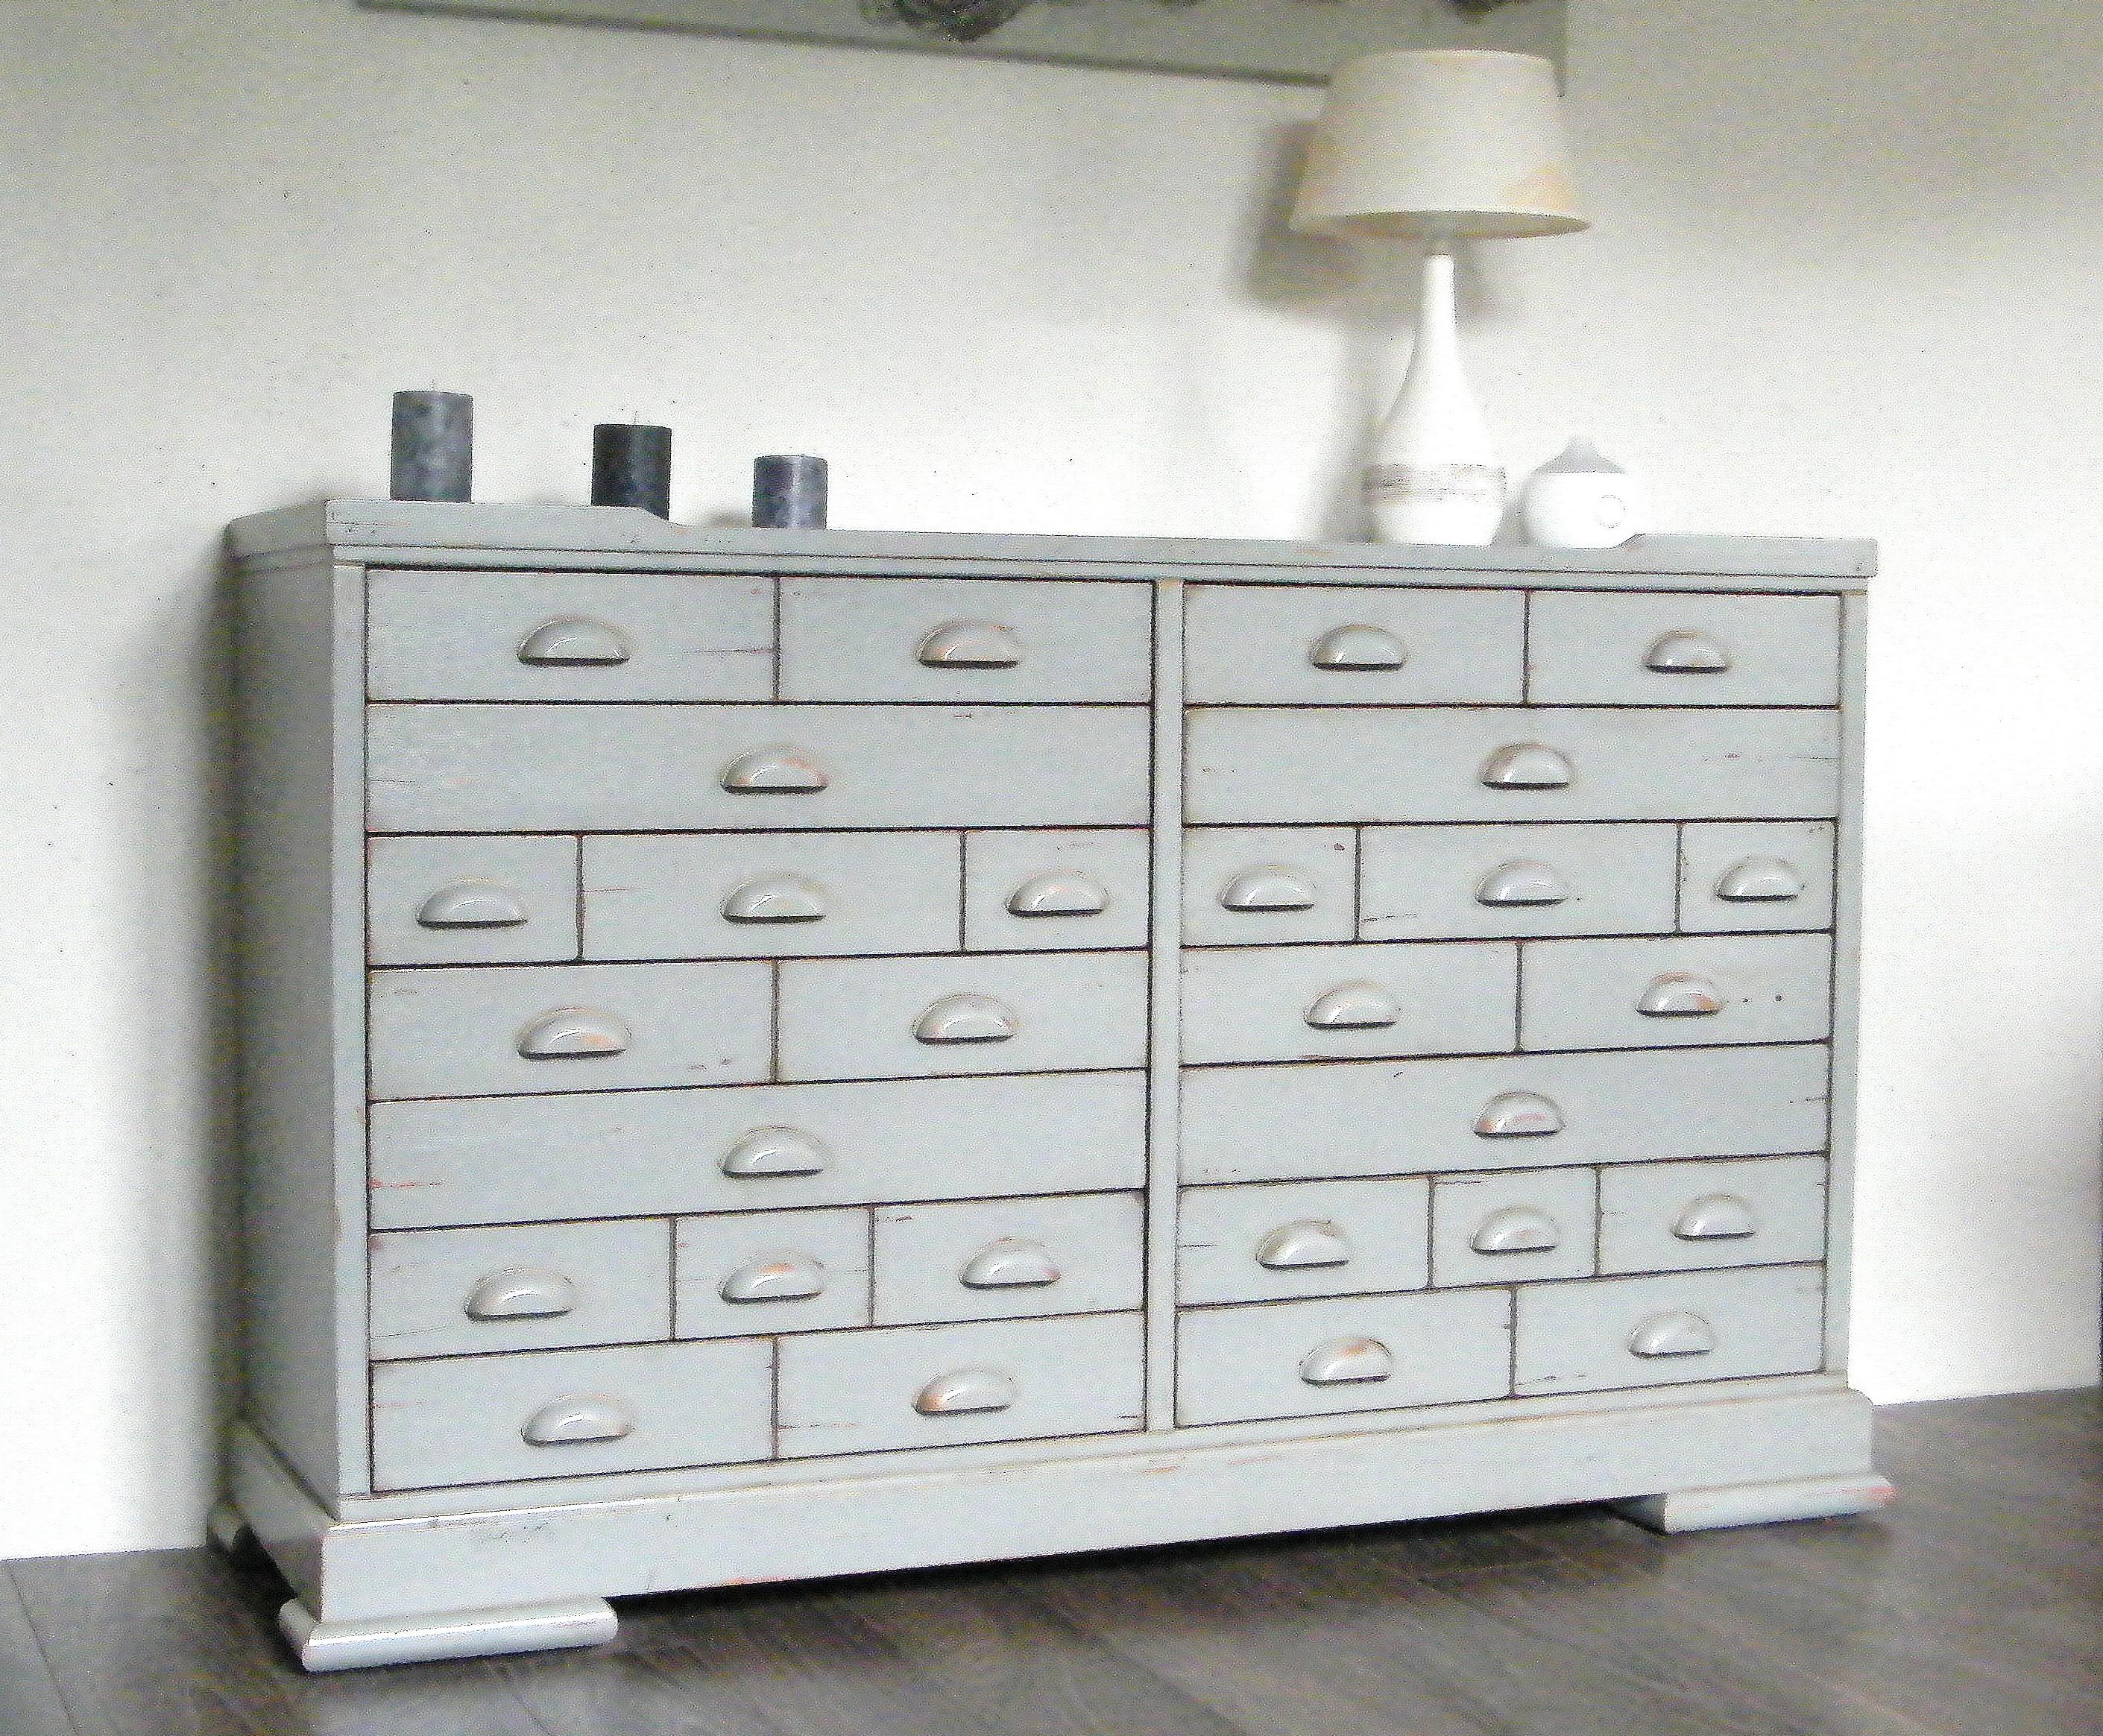 Comment Patiner Un Meuble file:meuble métier tartarin meubles d' art - wikimedia